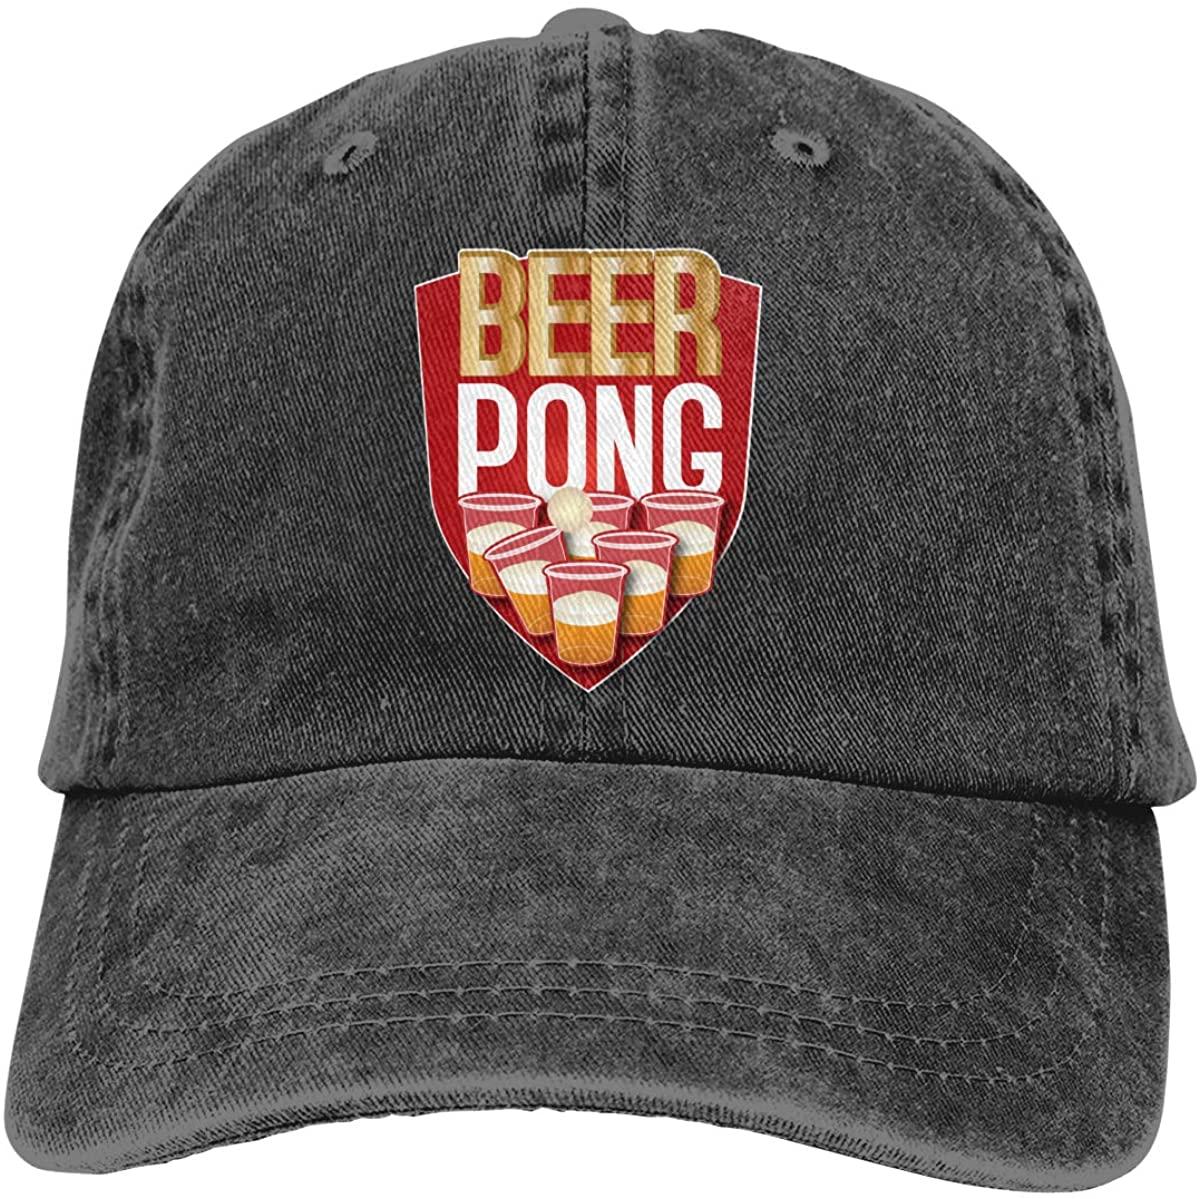 Beer Pong Champ 2 Adult Fashion Cool Adjustable Denim Cowboy Hat